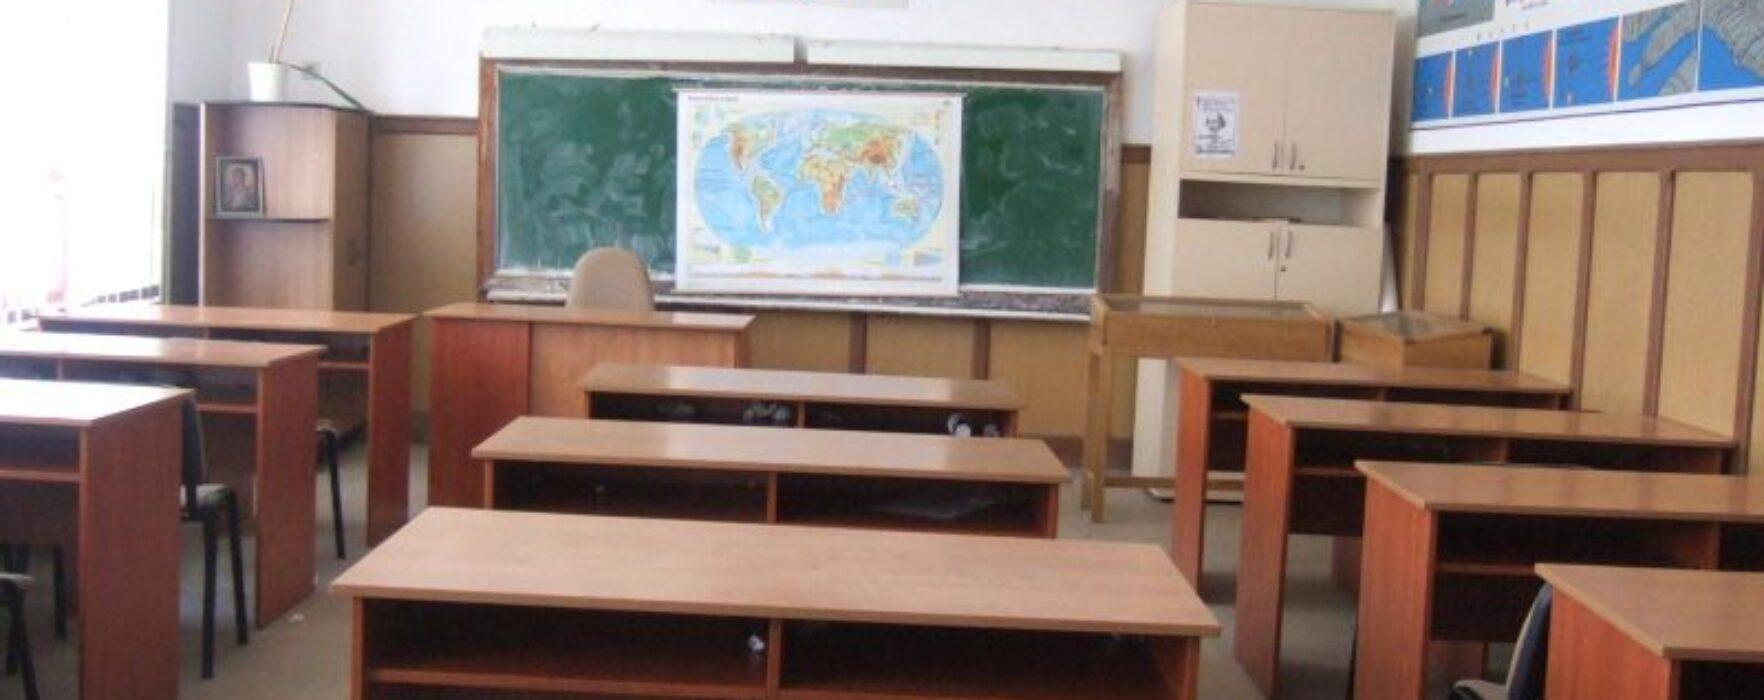 Dâmboviţa: Inspectoratul şcolar a decis suspendarea cursurilor, luni, în alte trei localităţi din judeţ